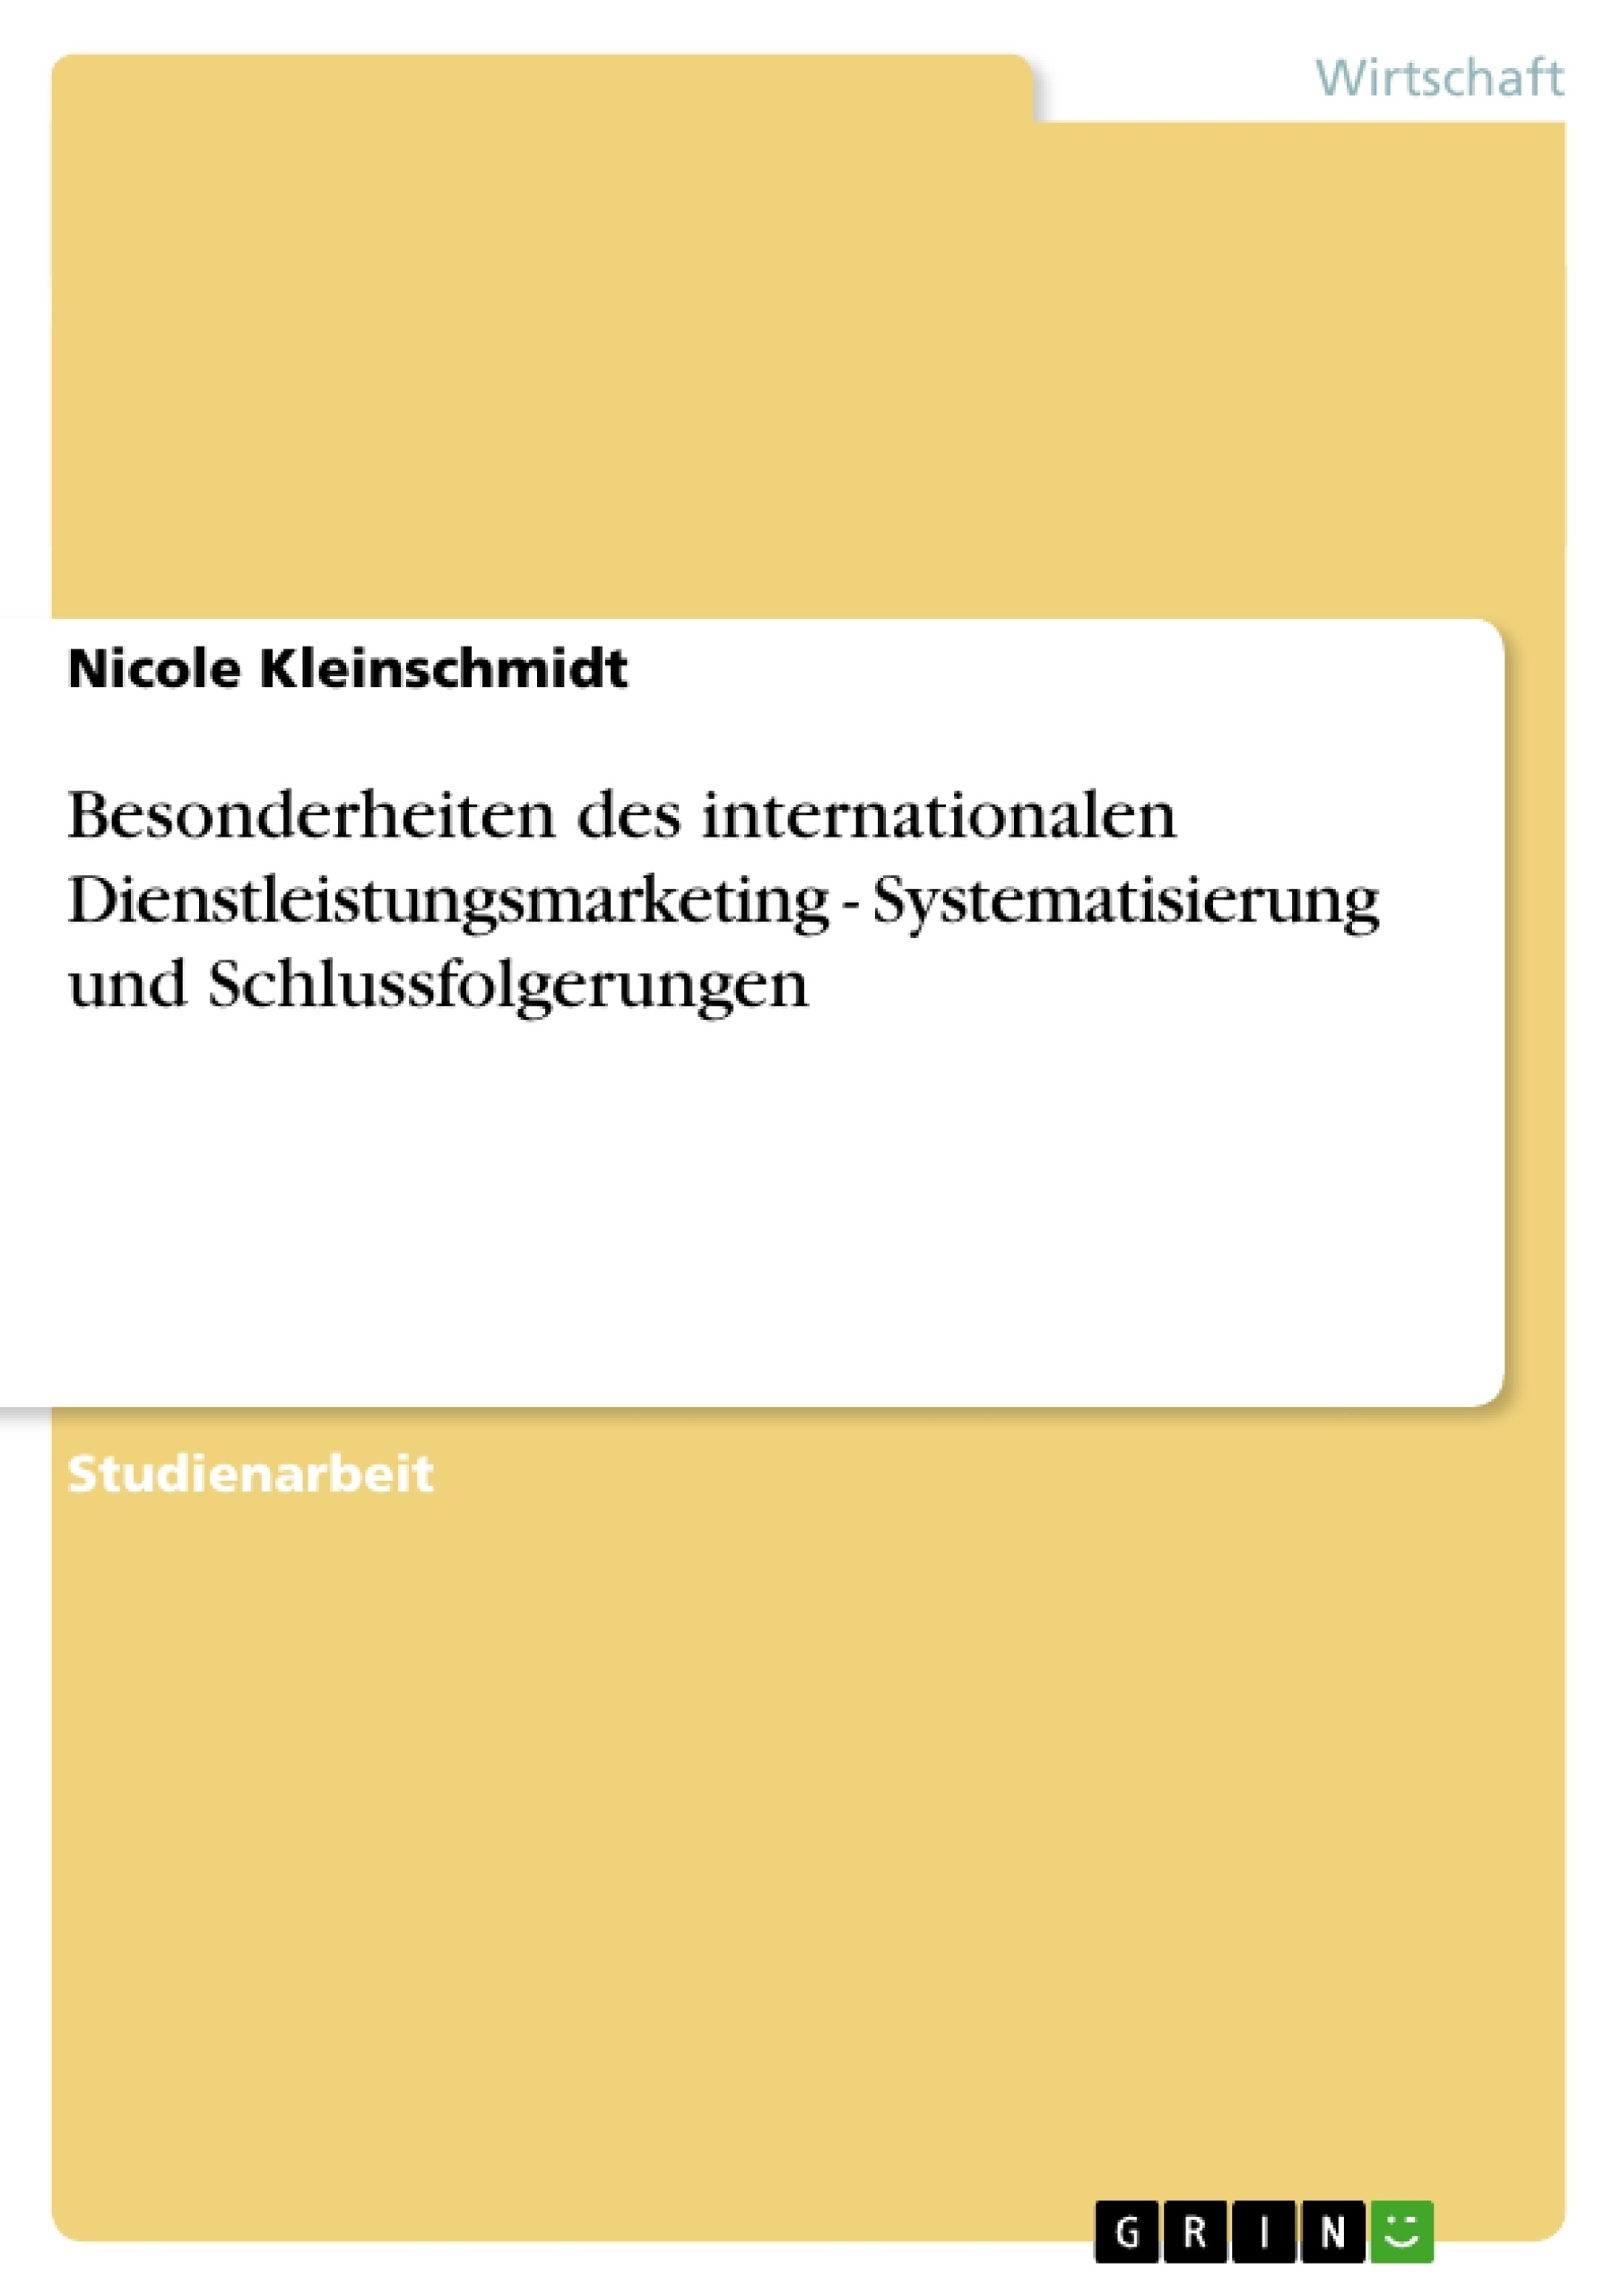 Titel: Besonderheiten des internationalen Dienstleistungsmarketing - Systematisierung und Schlussfolgerungen